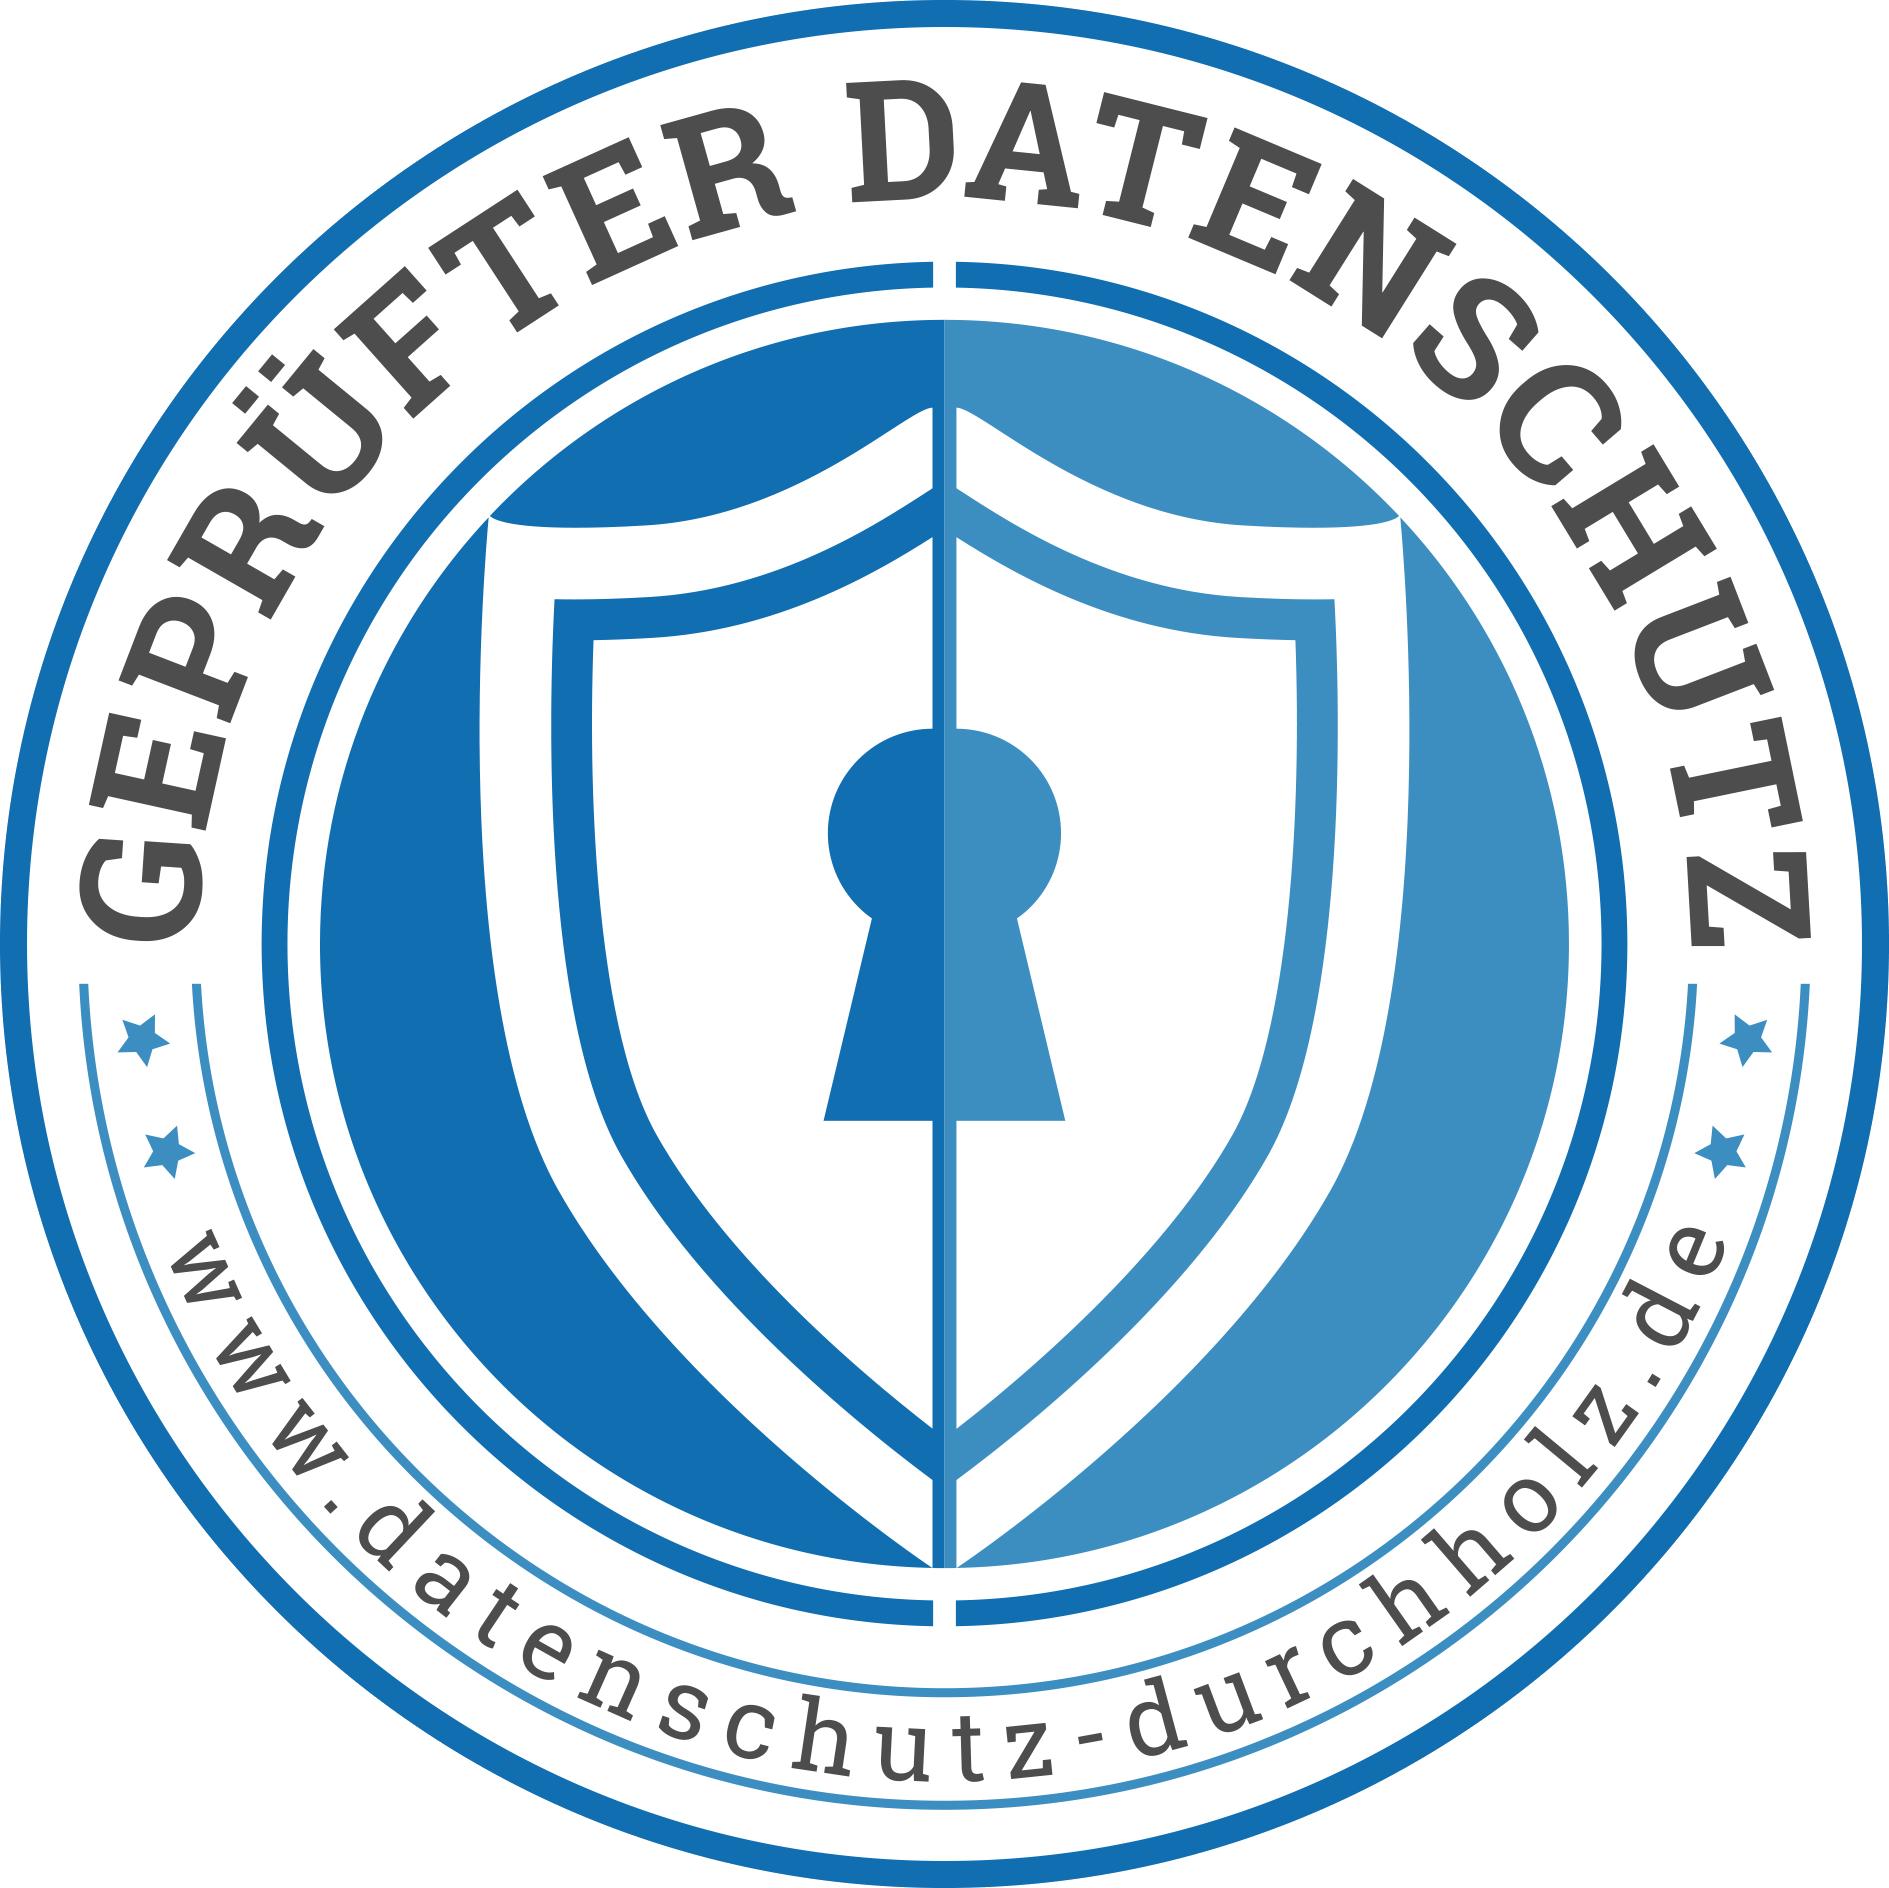 Weiter zum Datenschutzsiegel von The Writing Academic